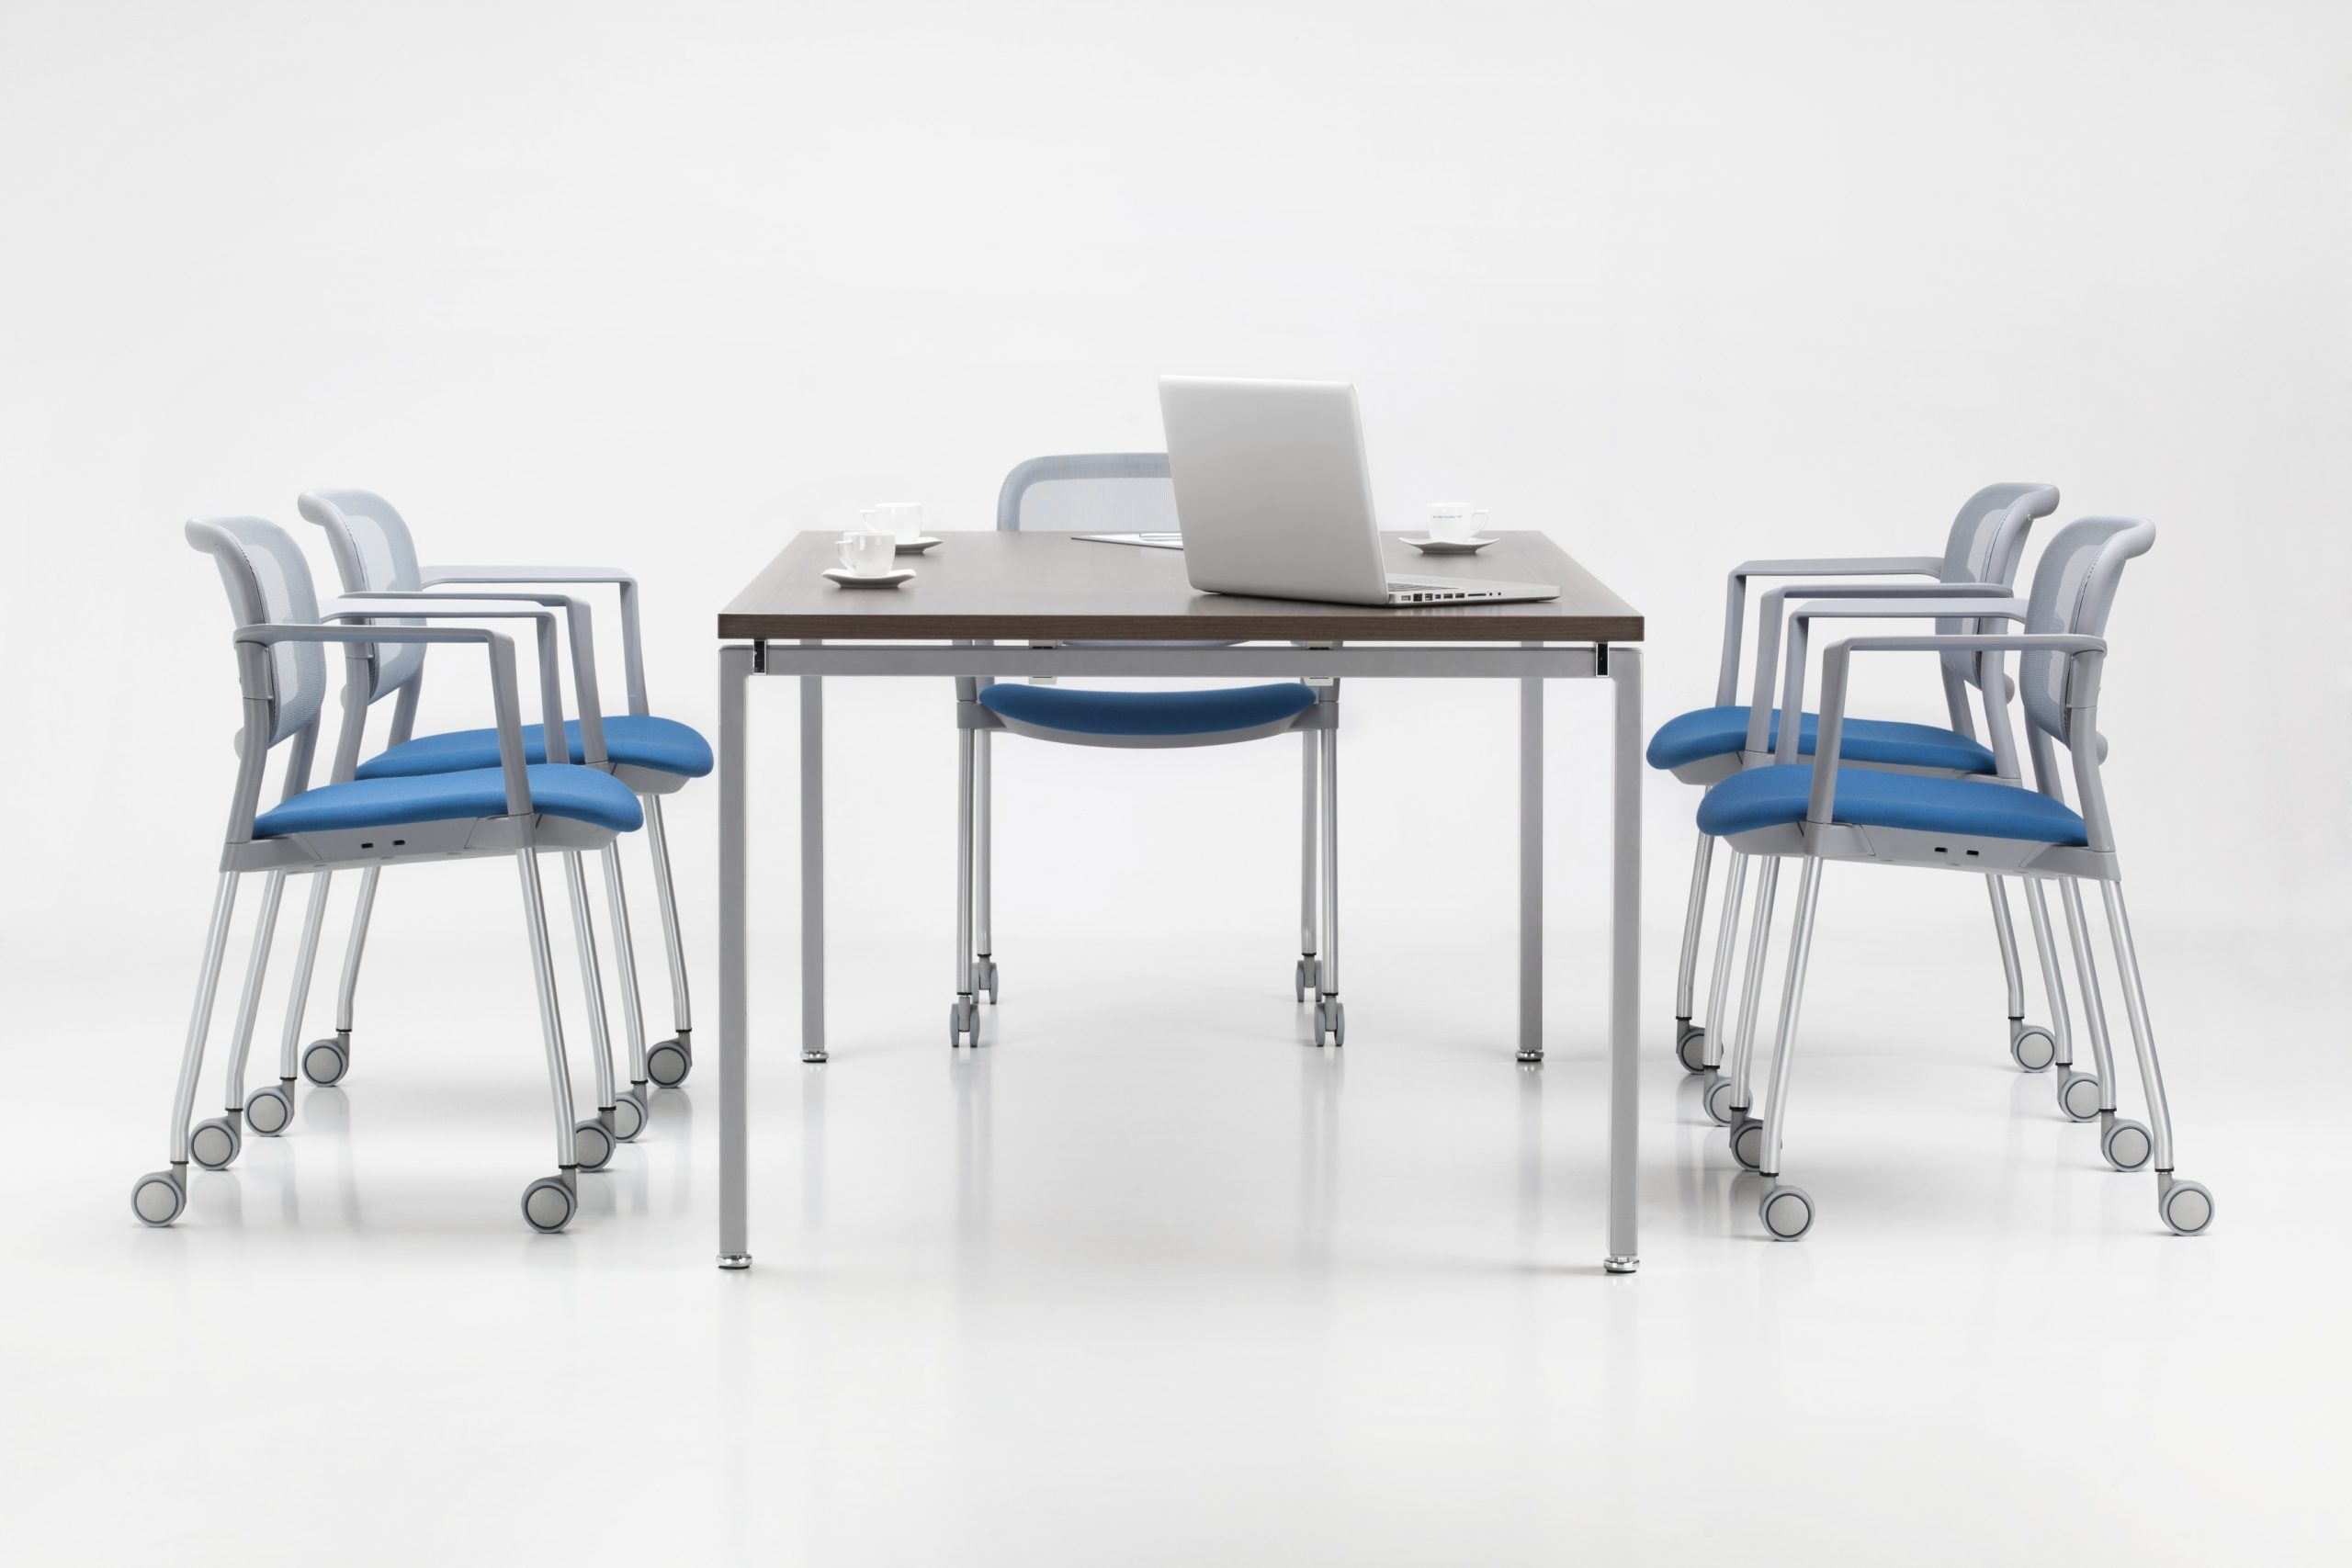 Lankytojo | Priimamojo | Konferencinė | Laukiamojo kėdė | Offive chair